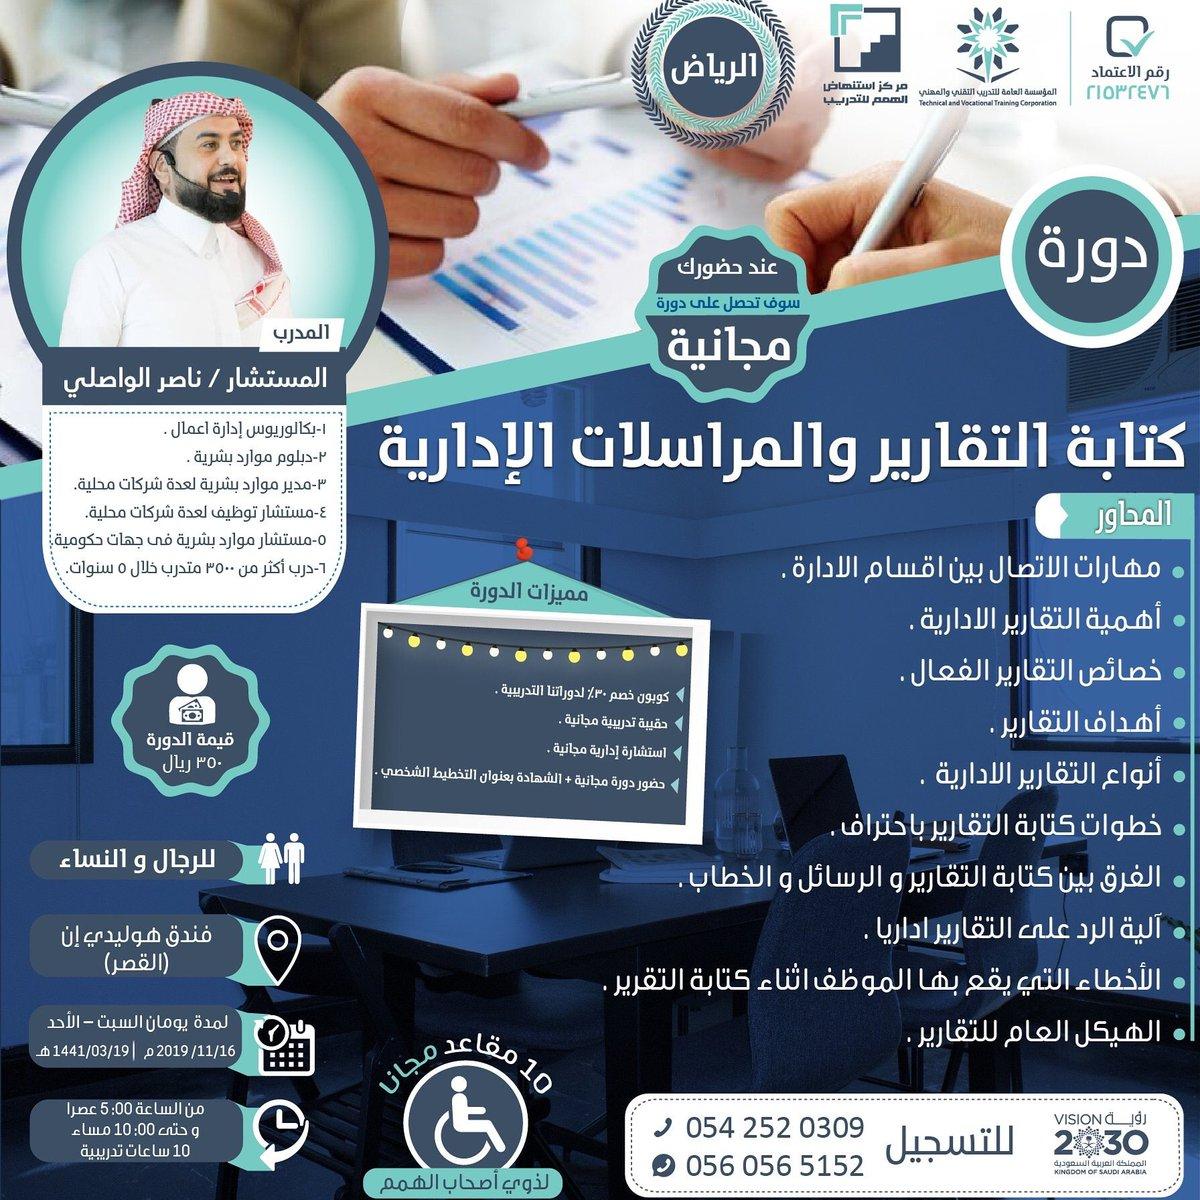 في #الرياض دورة #كتابة_التقارير_والمراسلات_الادارية للمدرب ناصر الواصلي للجنسين بتاريخ 16/11/2019 عند حضورك تحصل على دورة مجانية بعنوان التخطيط الشخصي للتسجيل yoc.sa/course/78 كود التسجيل A1 0560565152